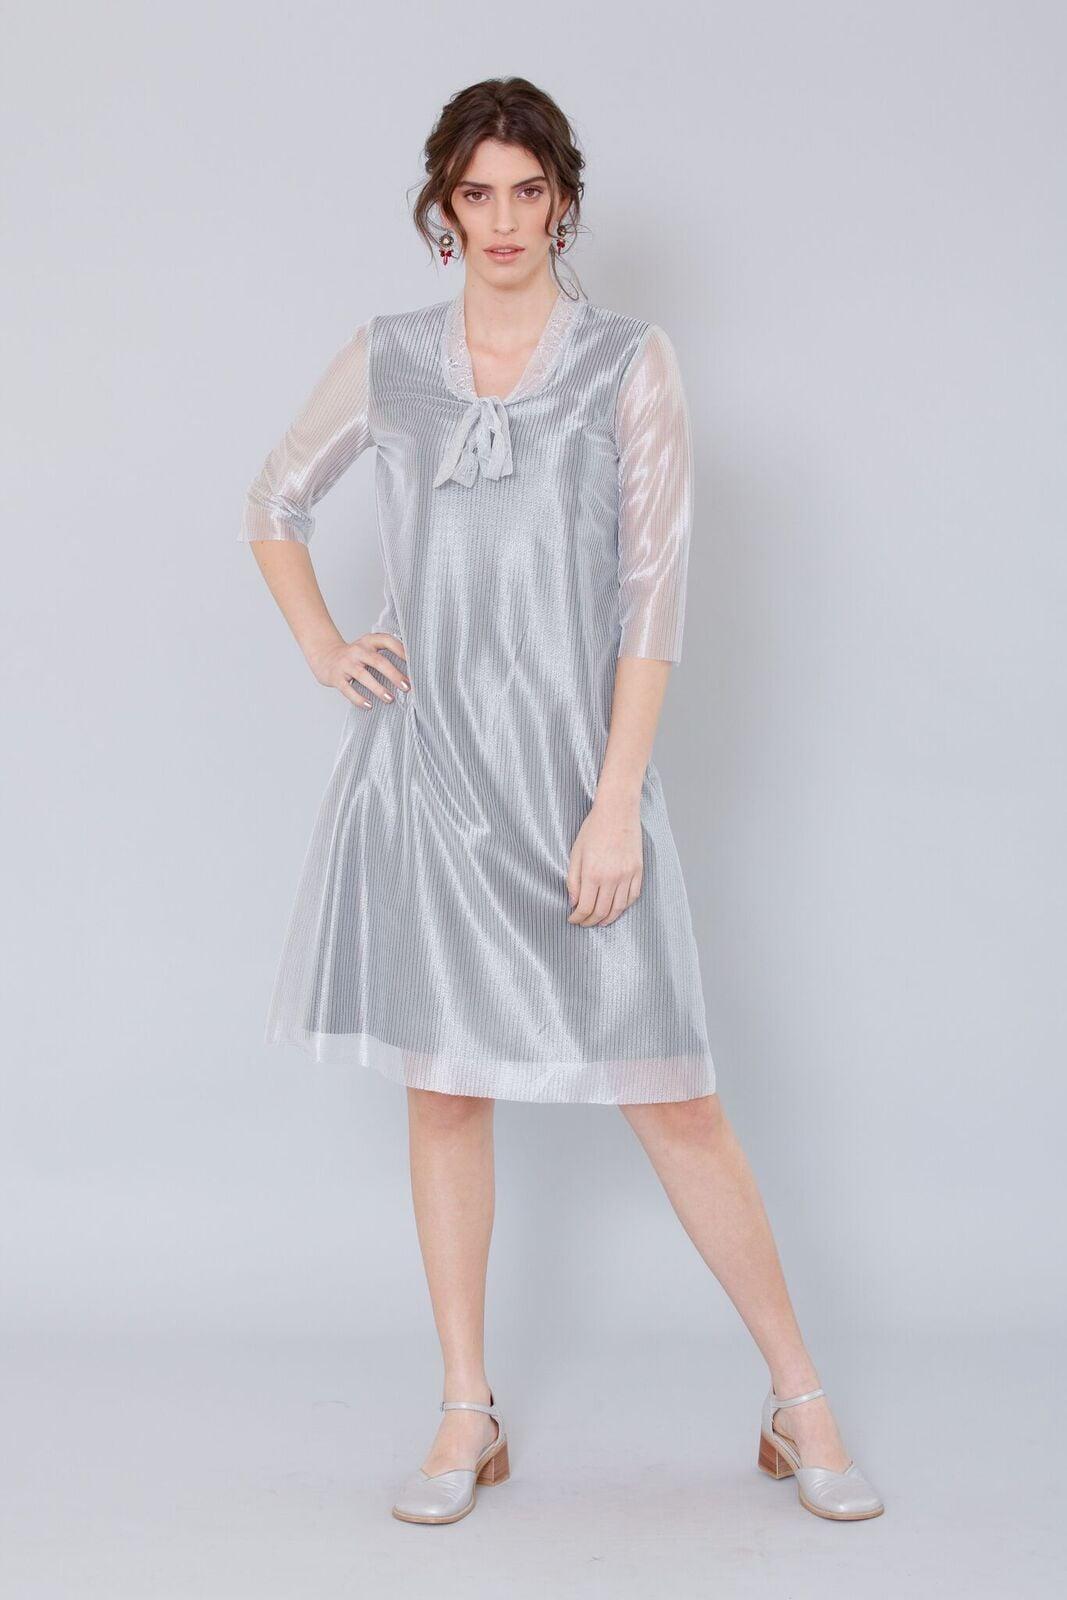 שמלת אלזה כסופה בוהקת